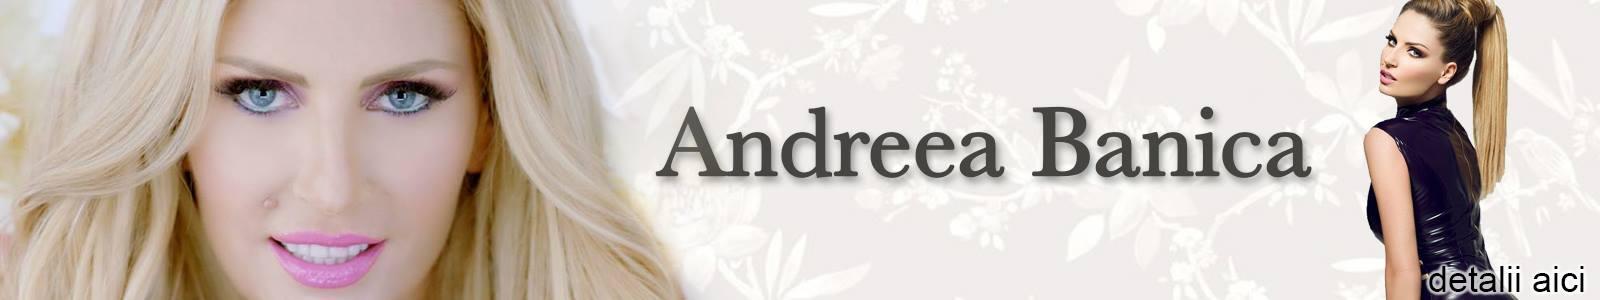 contact-andreea-banica-impresar-pret-concert